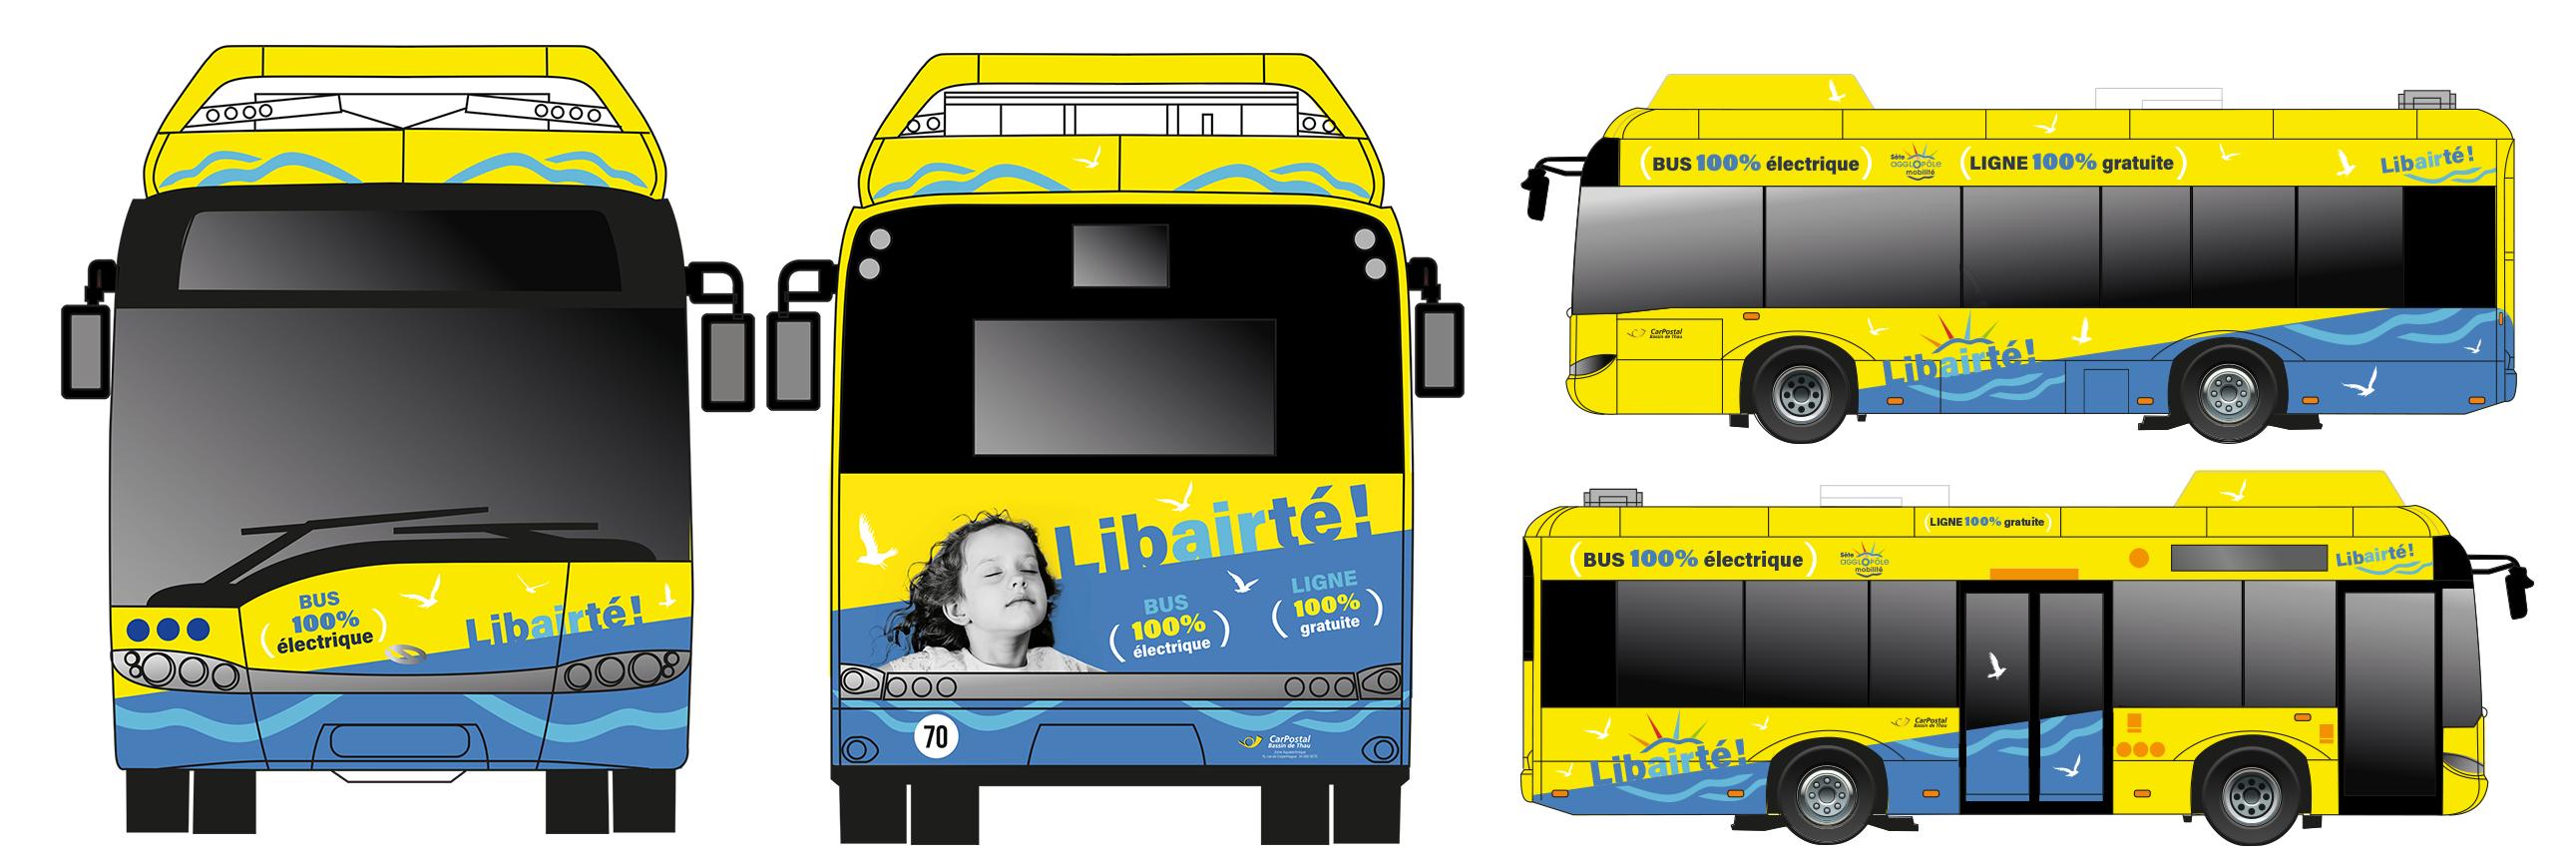 bus-electrique-covering-carpostal-communication